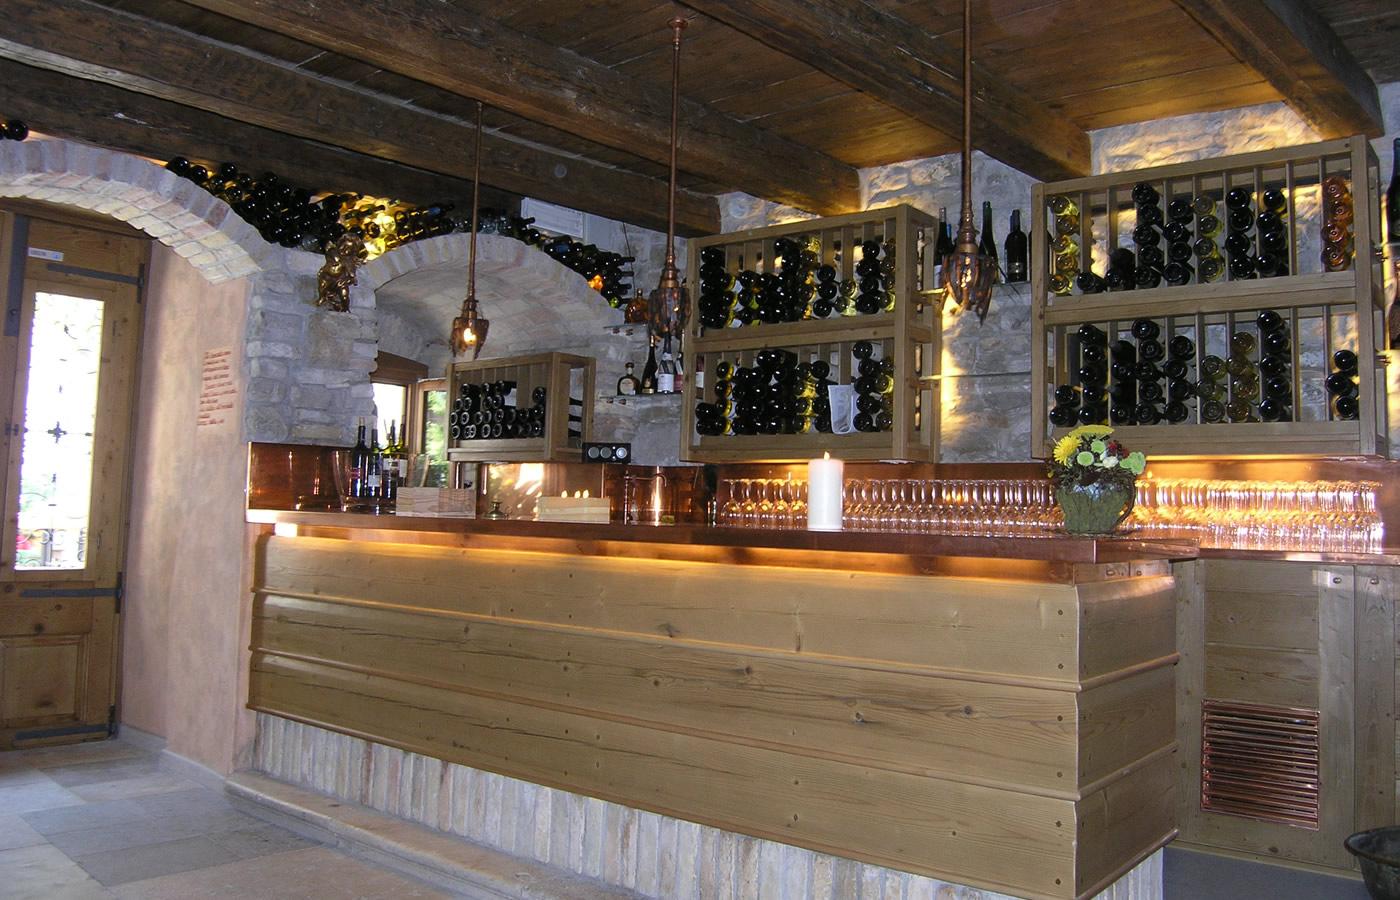 Arredo bar e negozi torino arredamenti sumisura for Arredamento bar